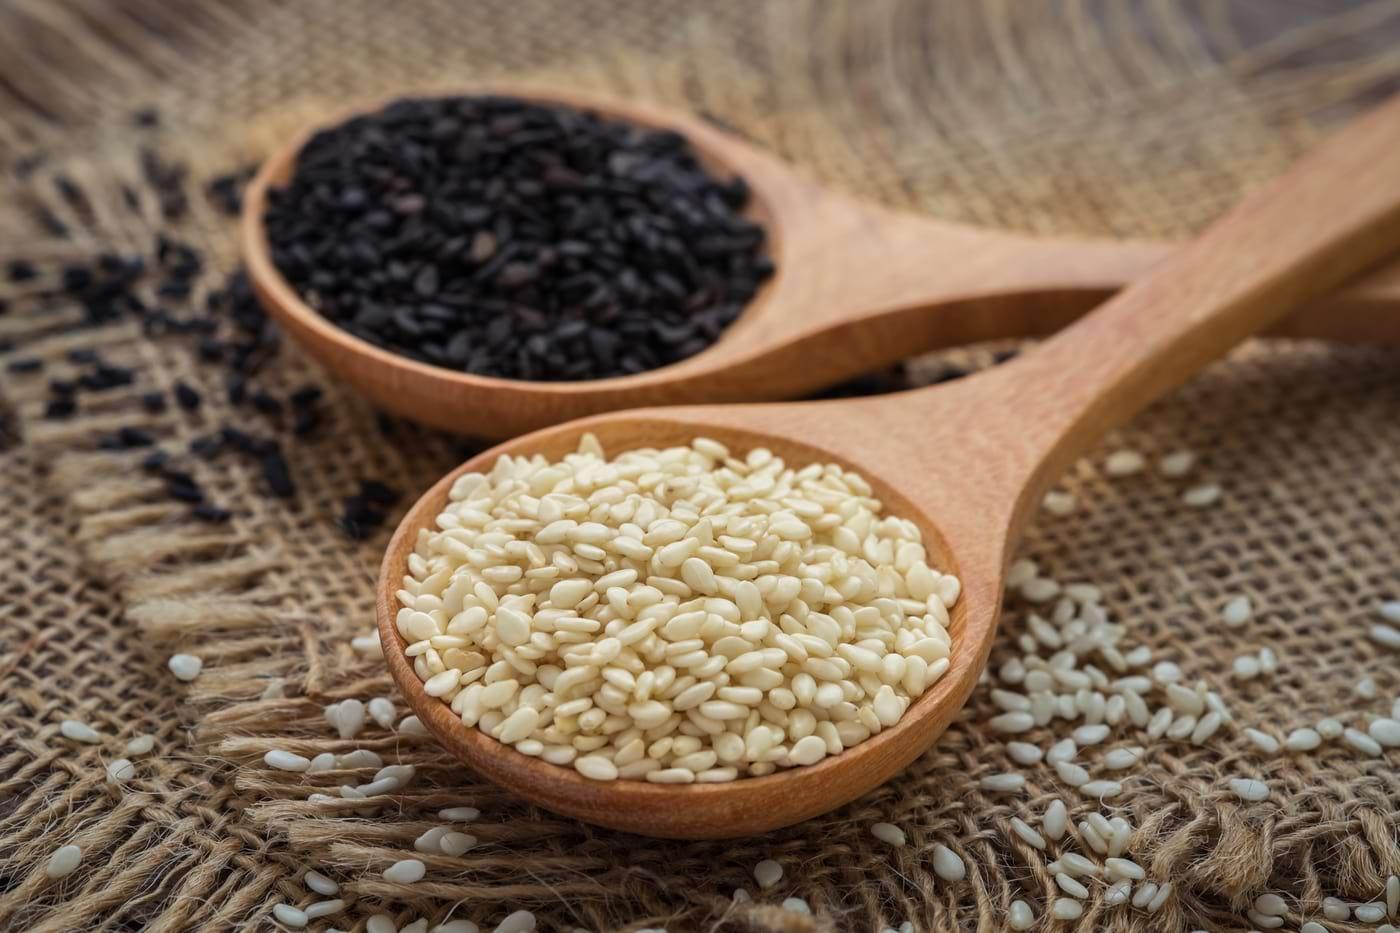 Semințe de susan: nutriție, beneficii și contraindicații